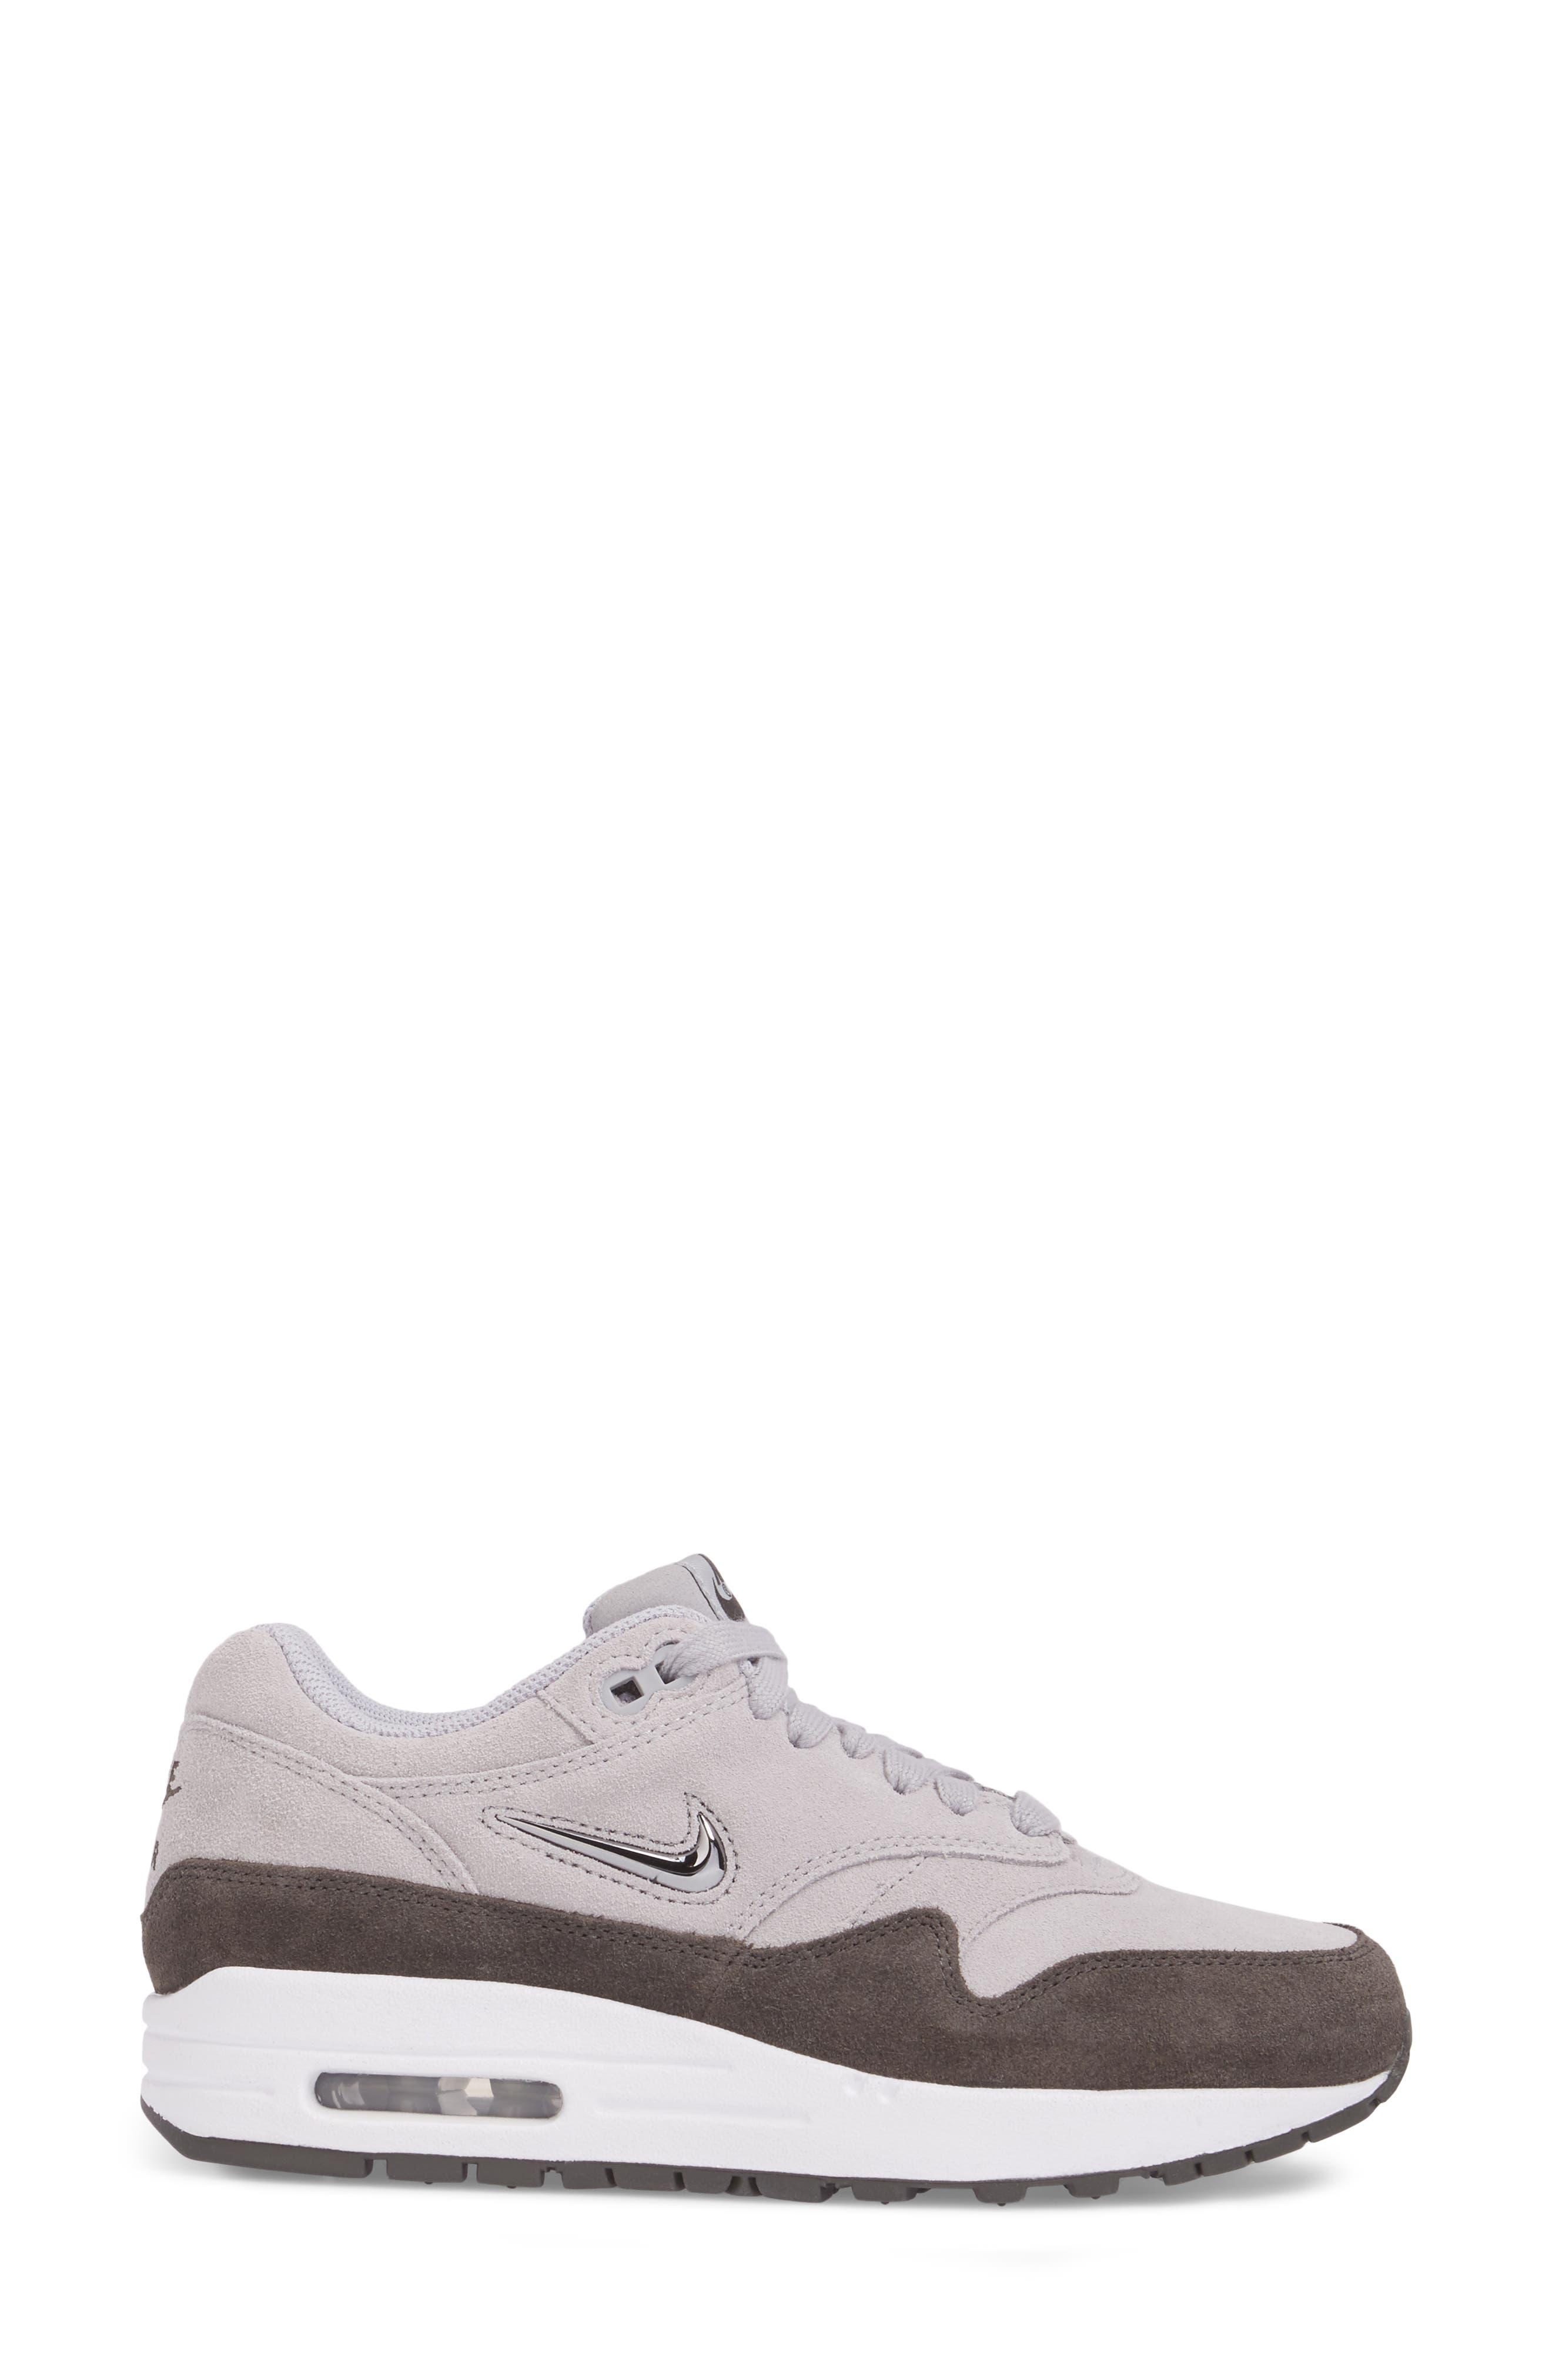 Air Max 1 Premium SC Sneaker,                             Alternate thumbnail 3, color,                             020